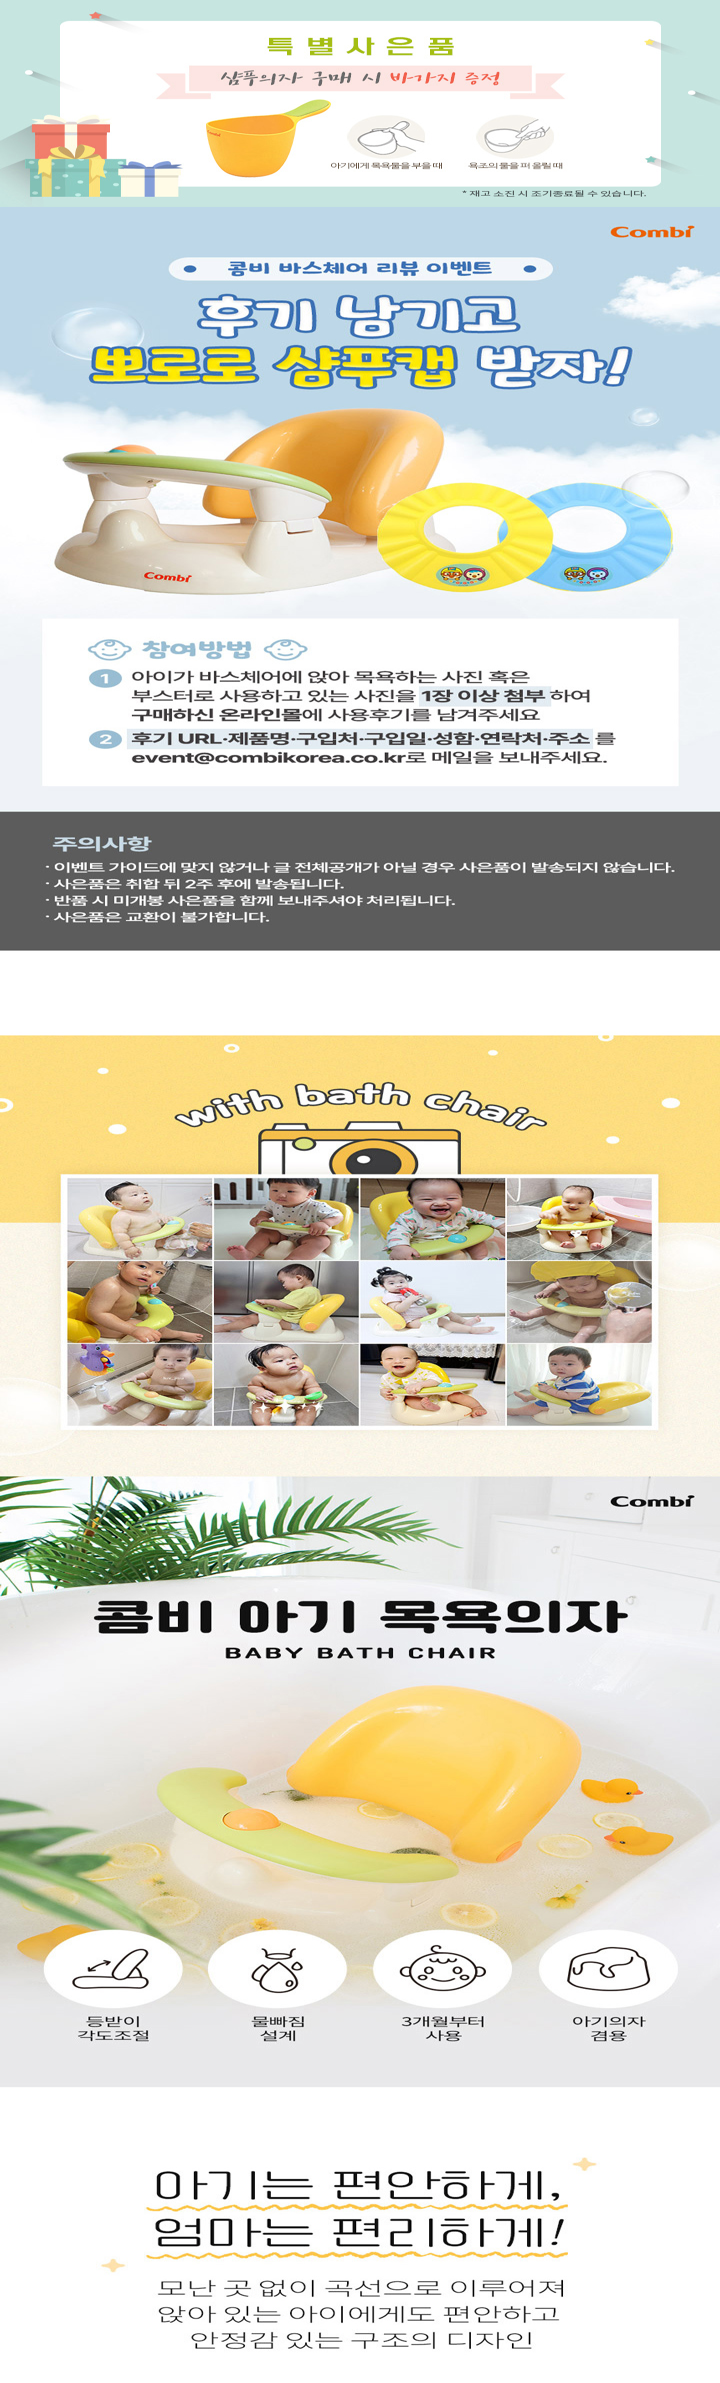 bathchair_01_01.jpg